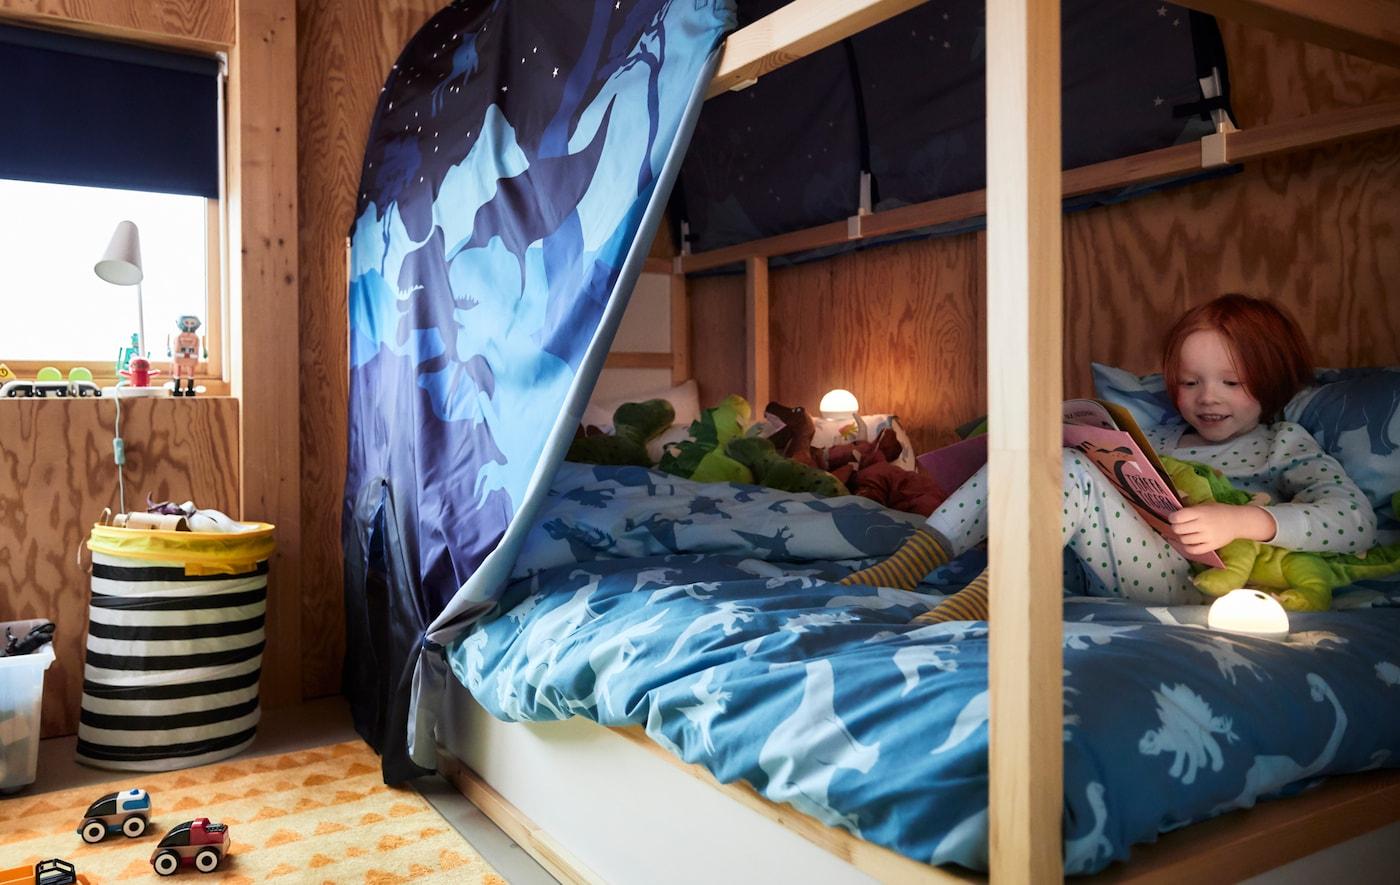 Uma criança está aninhada com o seu dinossauro de peluche numa cama KURA, a ler um livro de histórias debaixo de um dossel também ele com padrão de dinossauros.